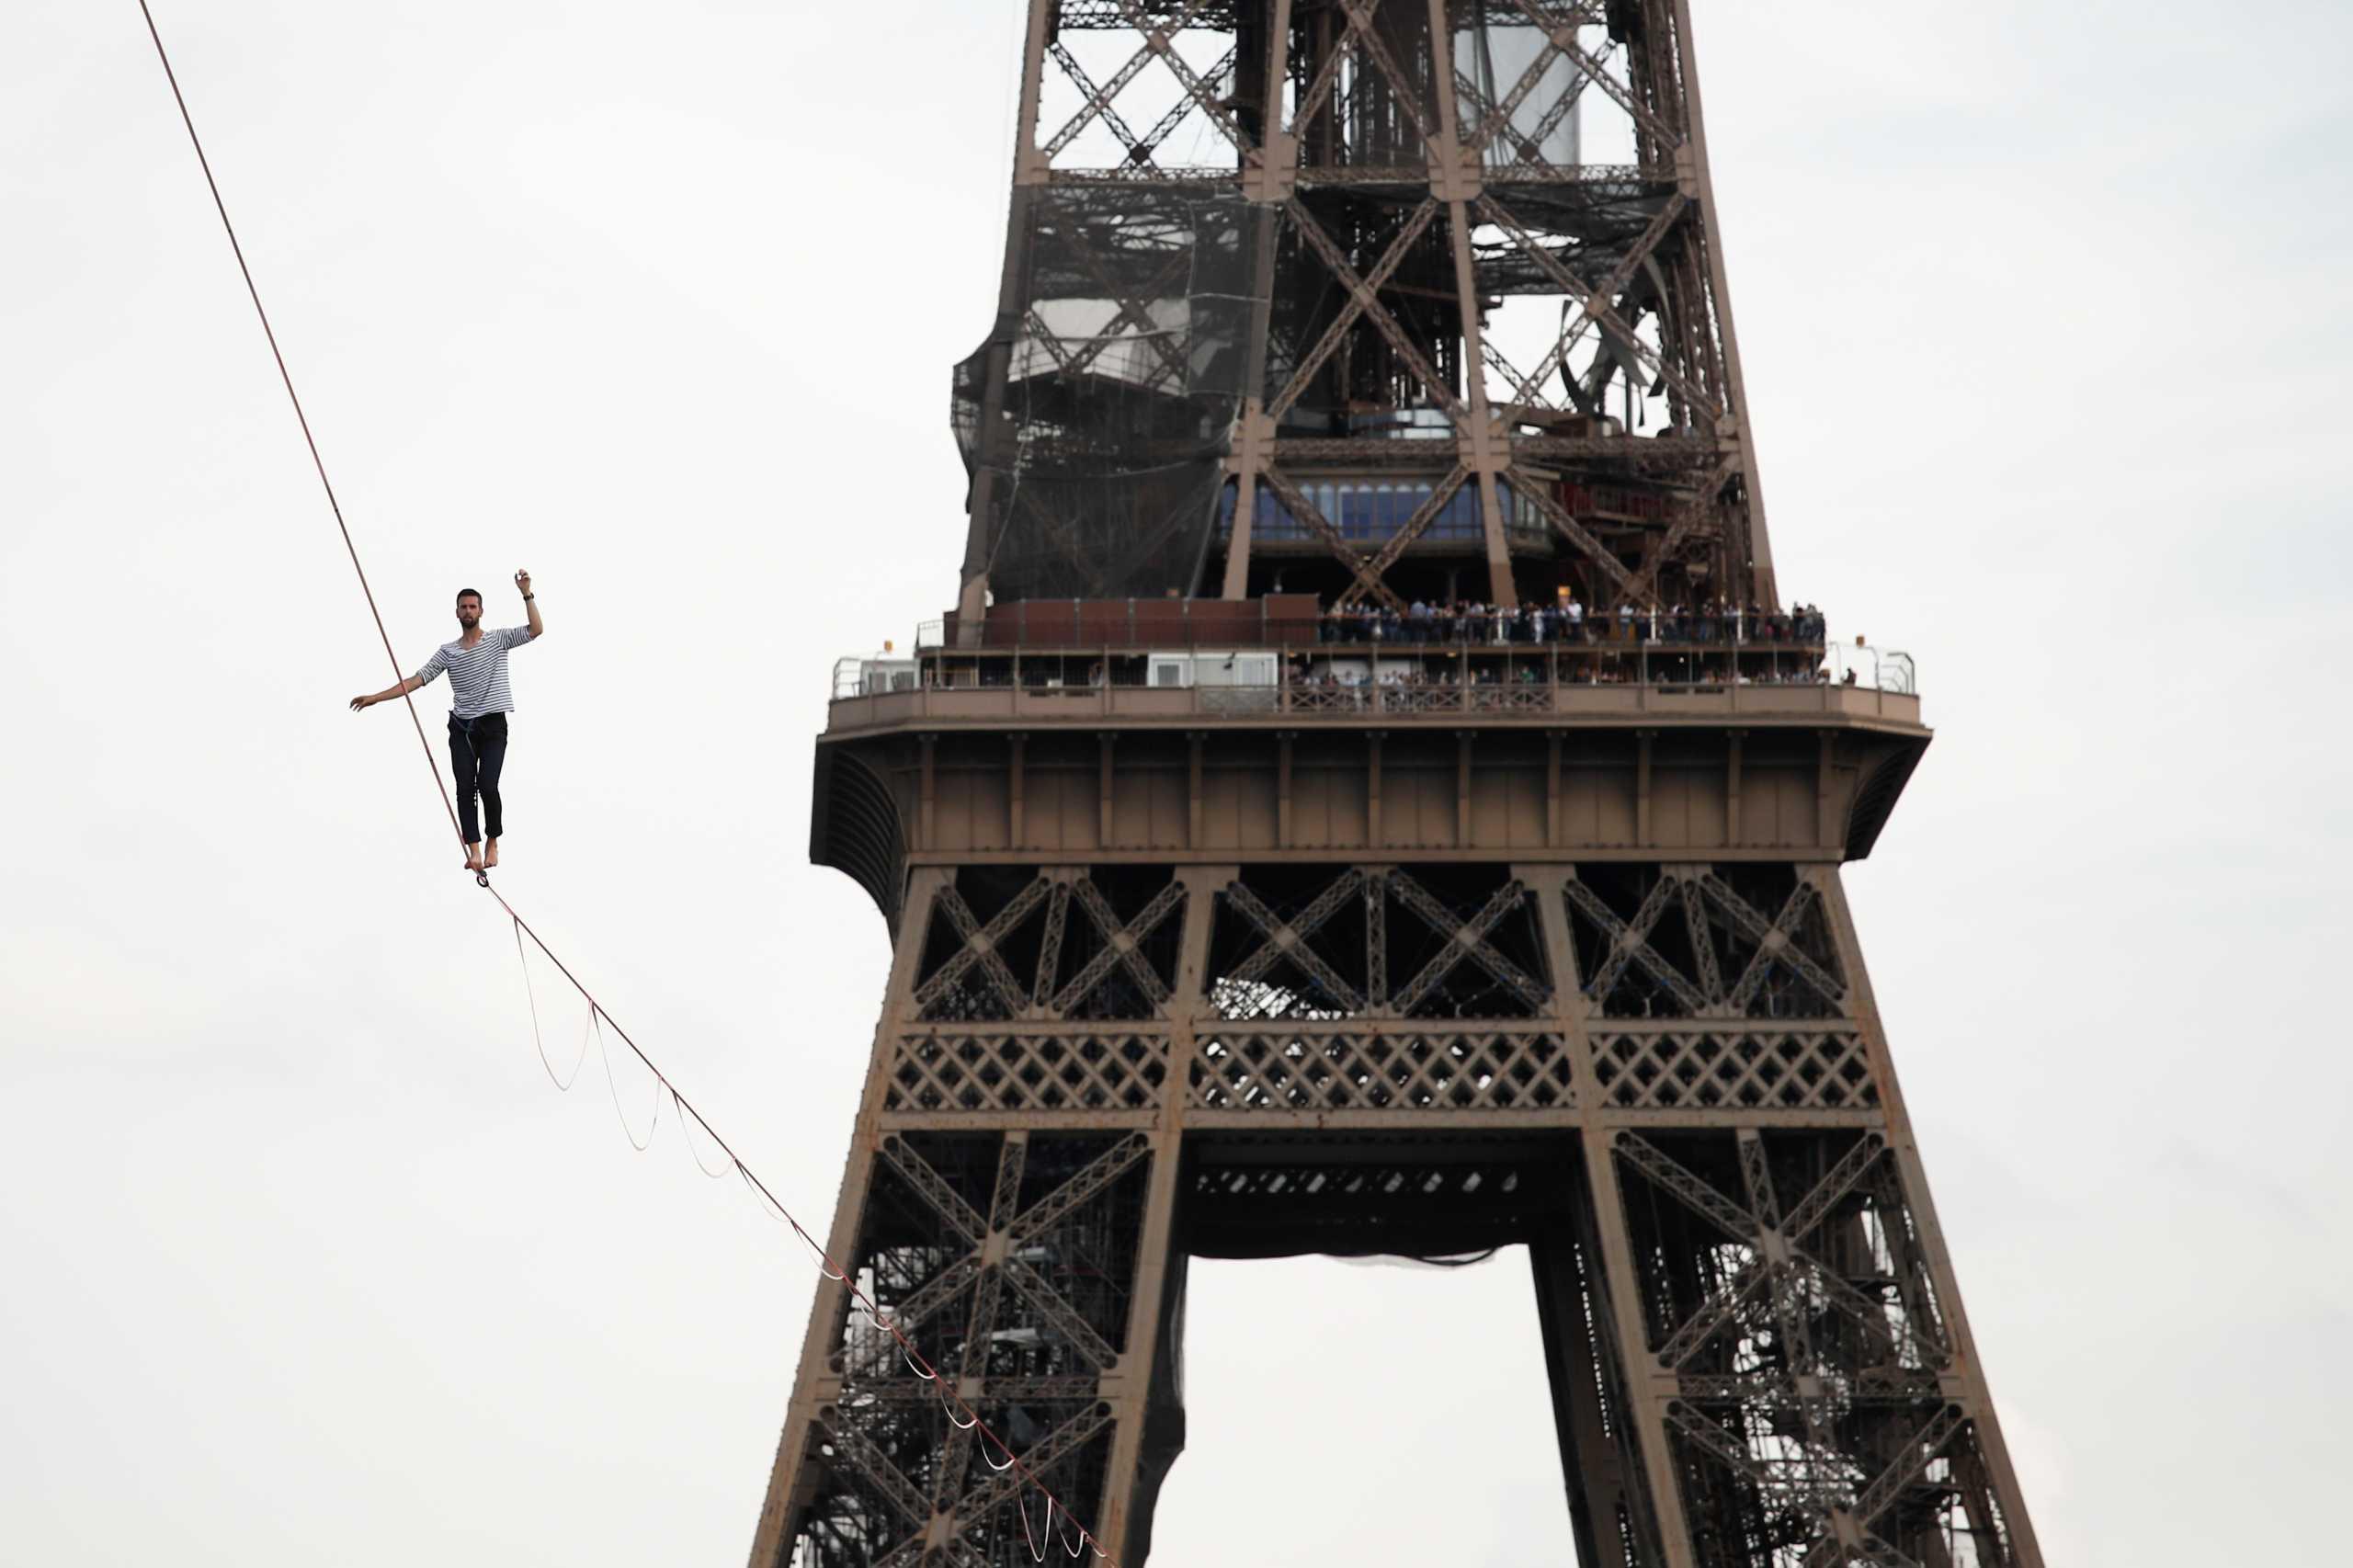 Γαλλία: Ακροβάτης περπάτησε σε τεντωμένο σχοινί από τον Πύργο του Άιφελ στον Σηκουάνα